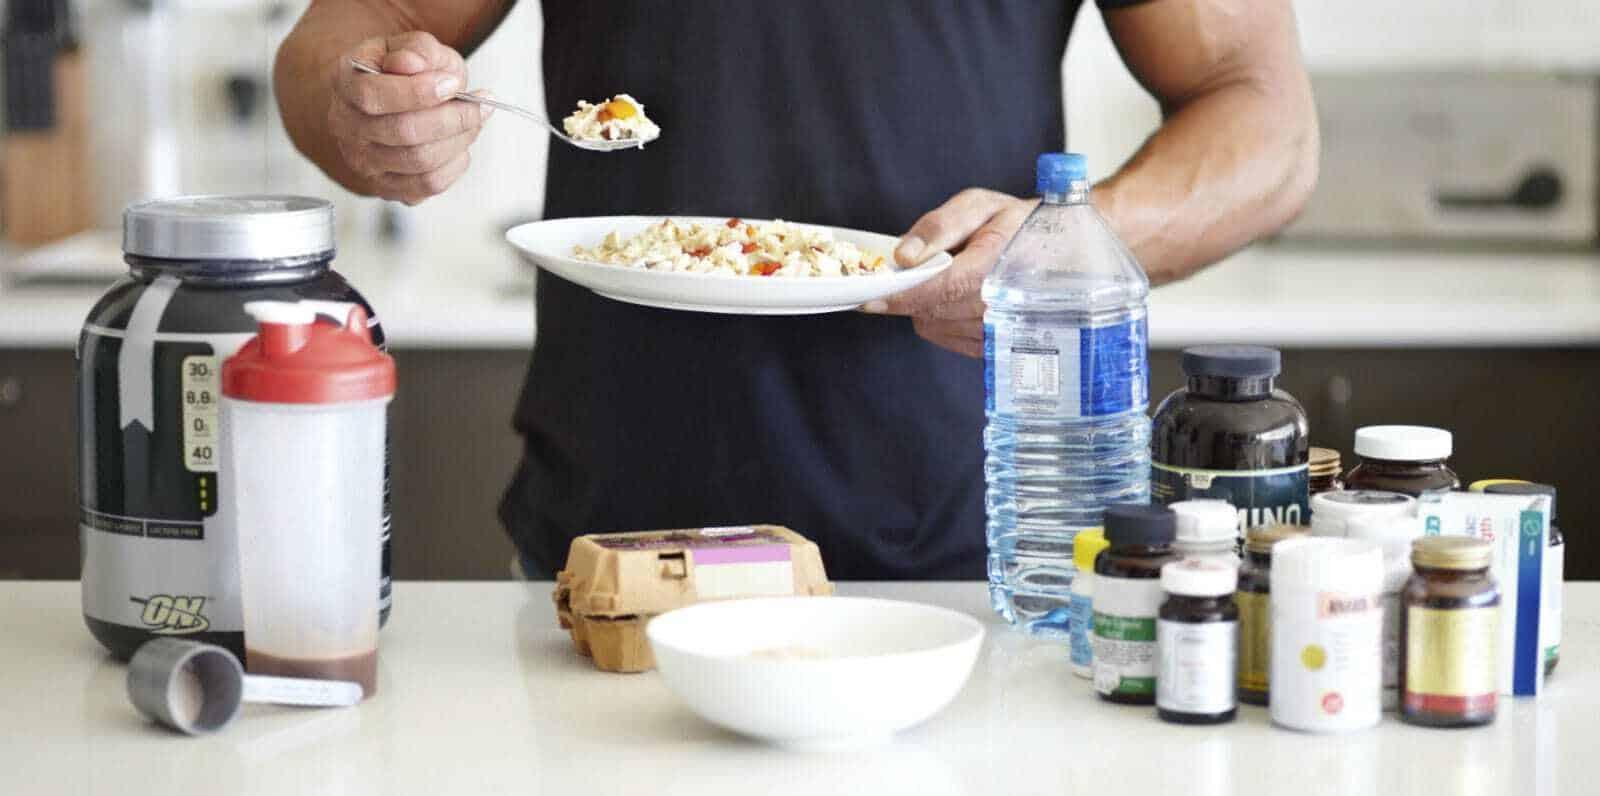 Quais os Benefícios e resultados esperar quando se usa Suplemento Alimentar